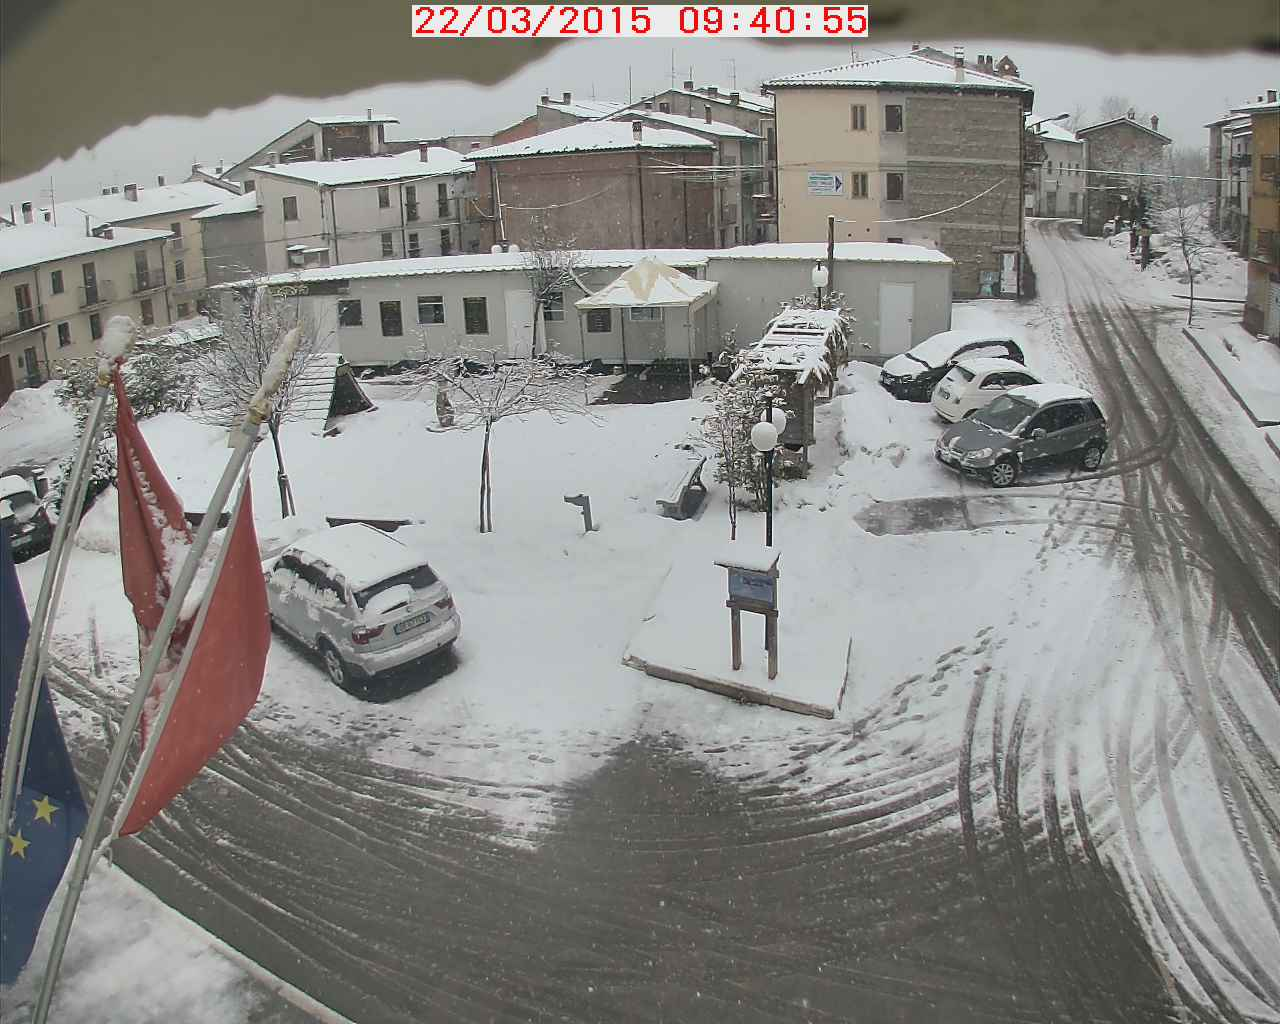 22 mar 15 campotosto - Nevica sull'Appennino Centrale